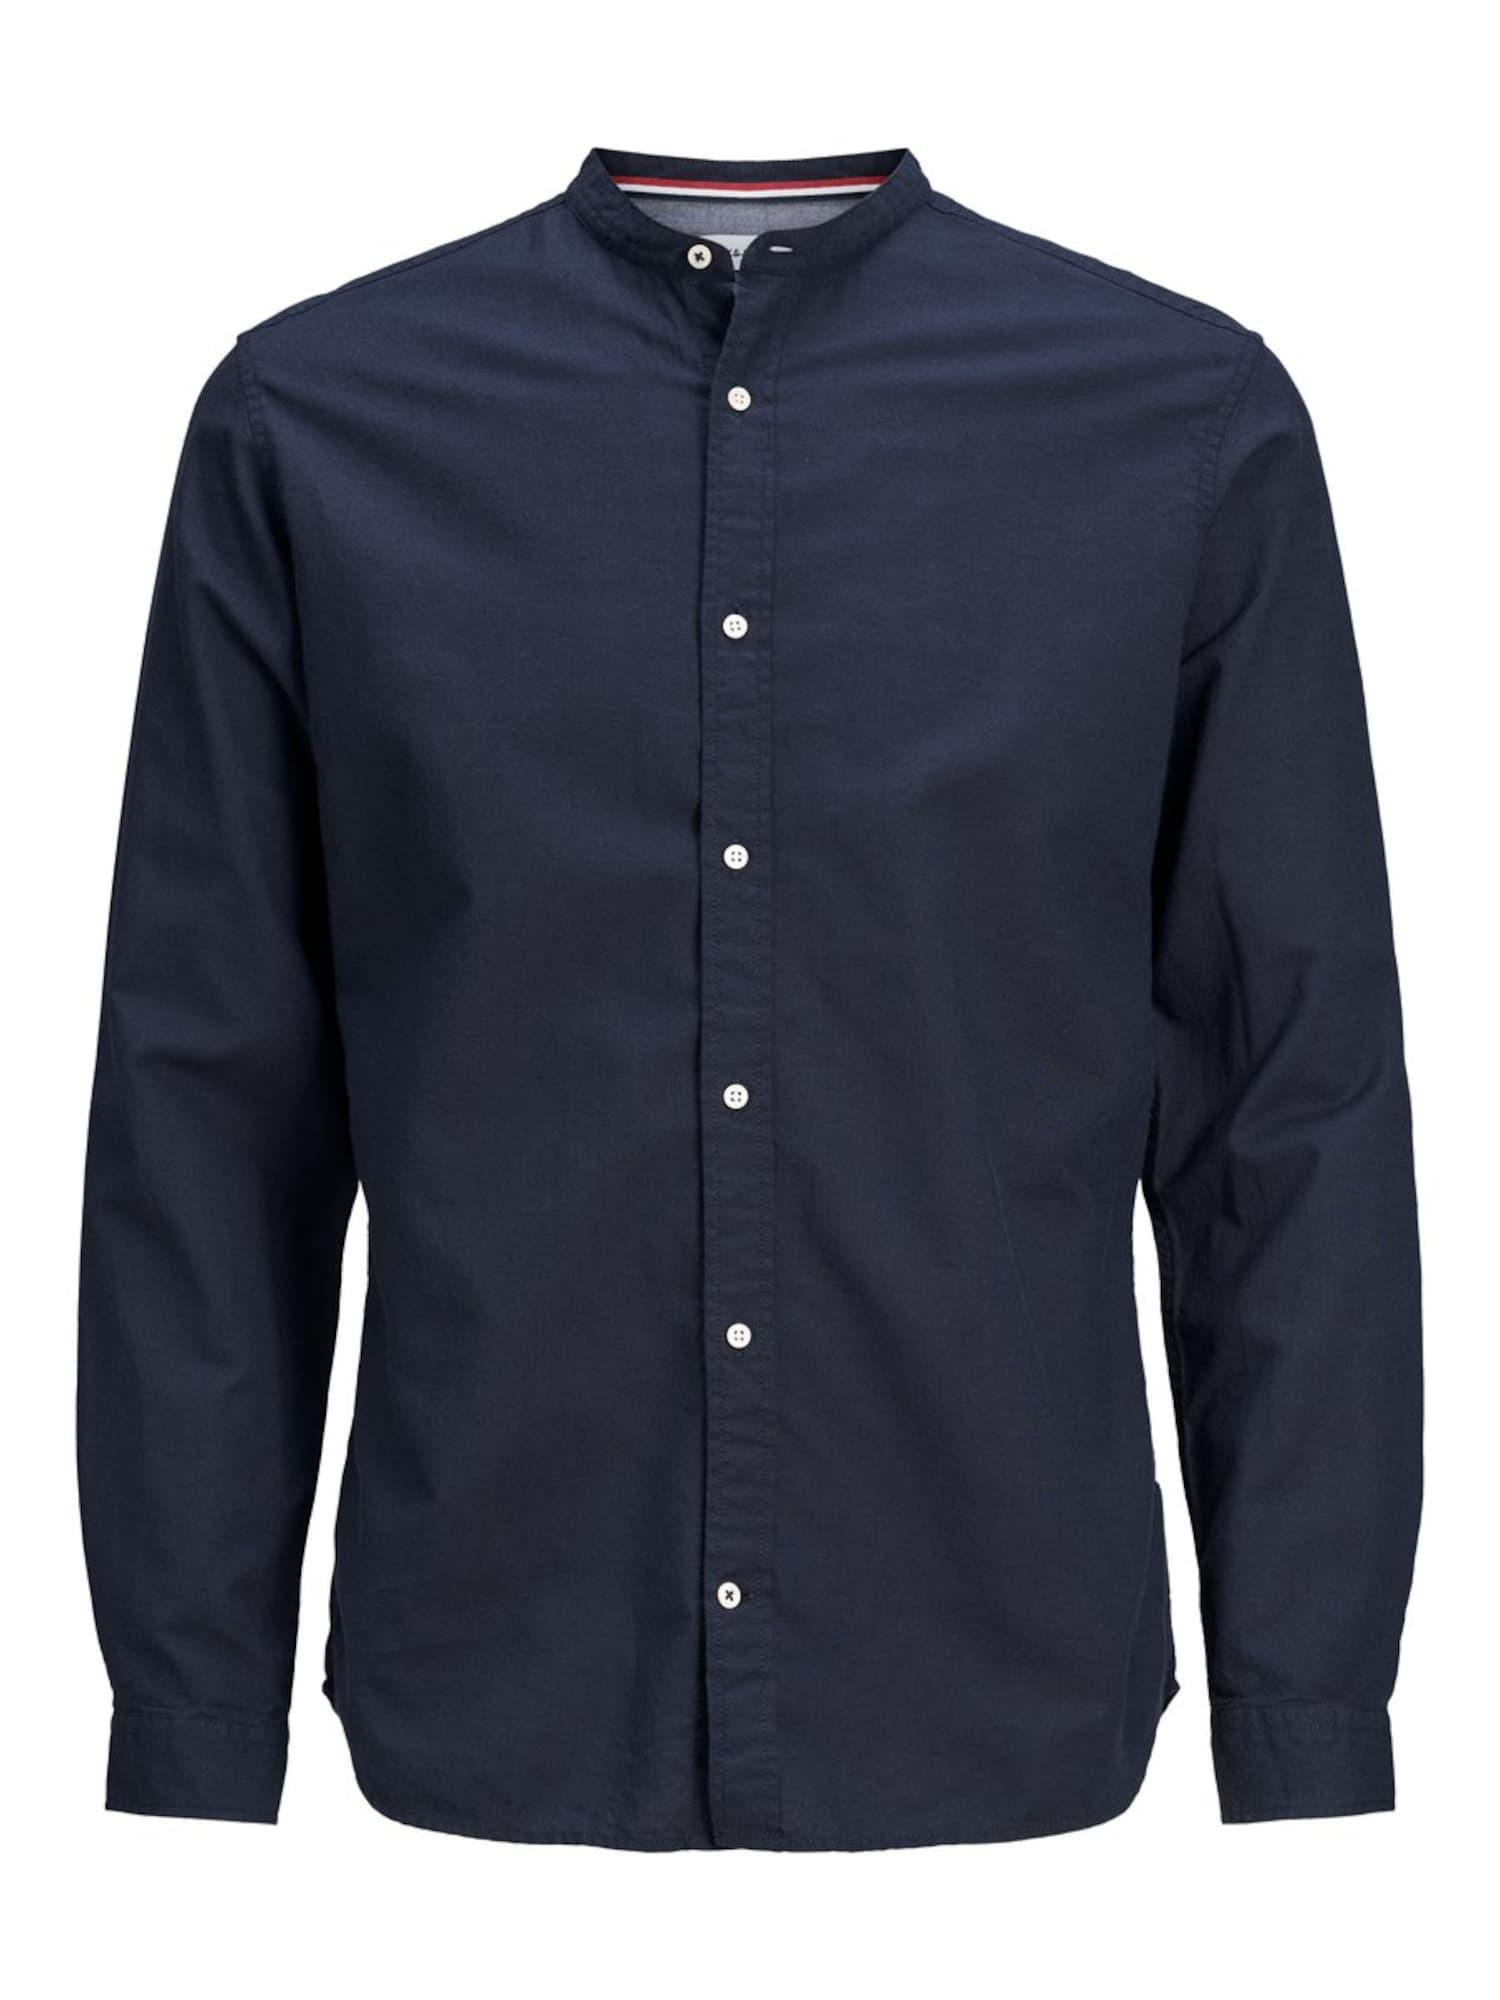 JACK & JONES Marškiniai tamsiai mėlyna